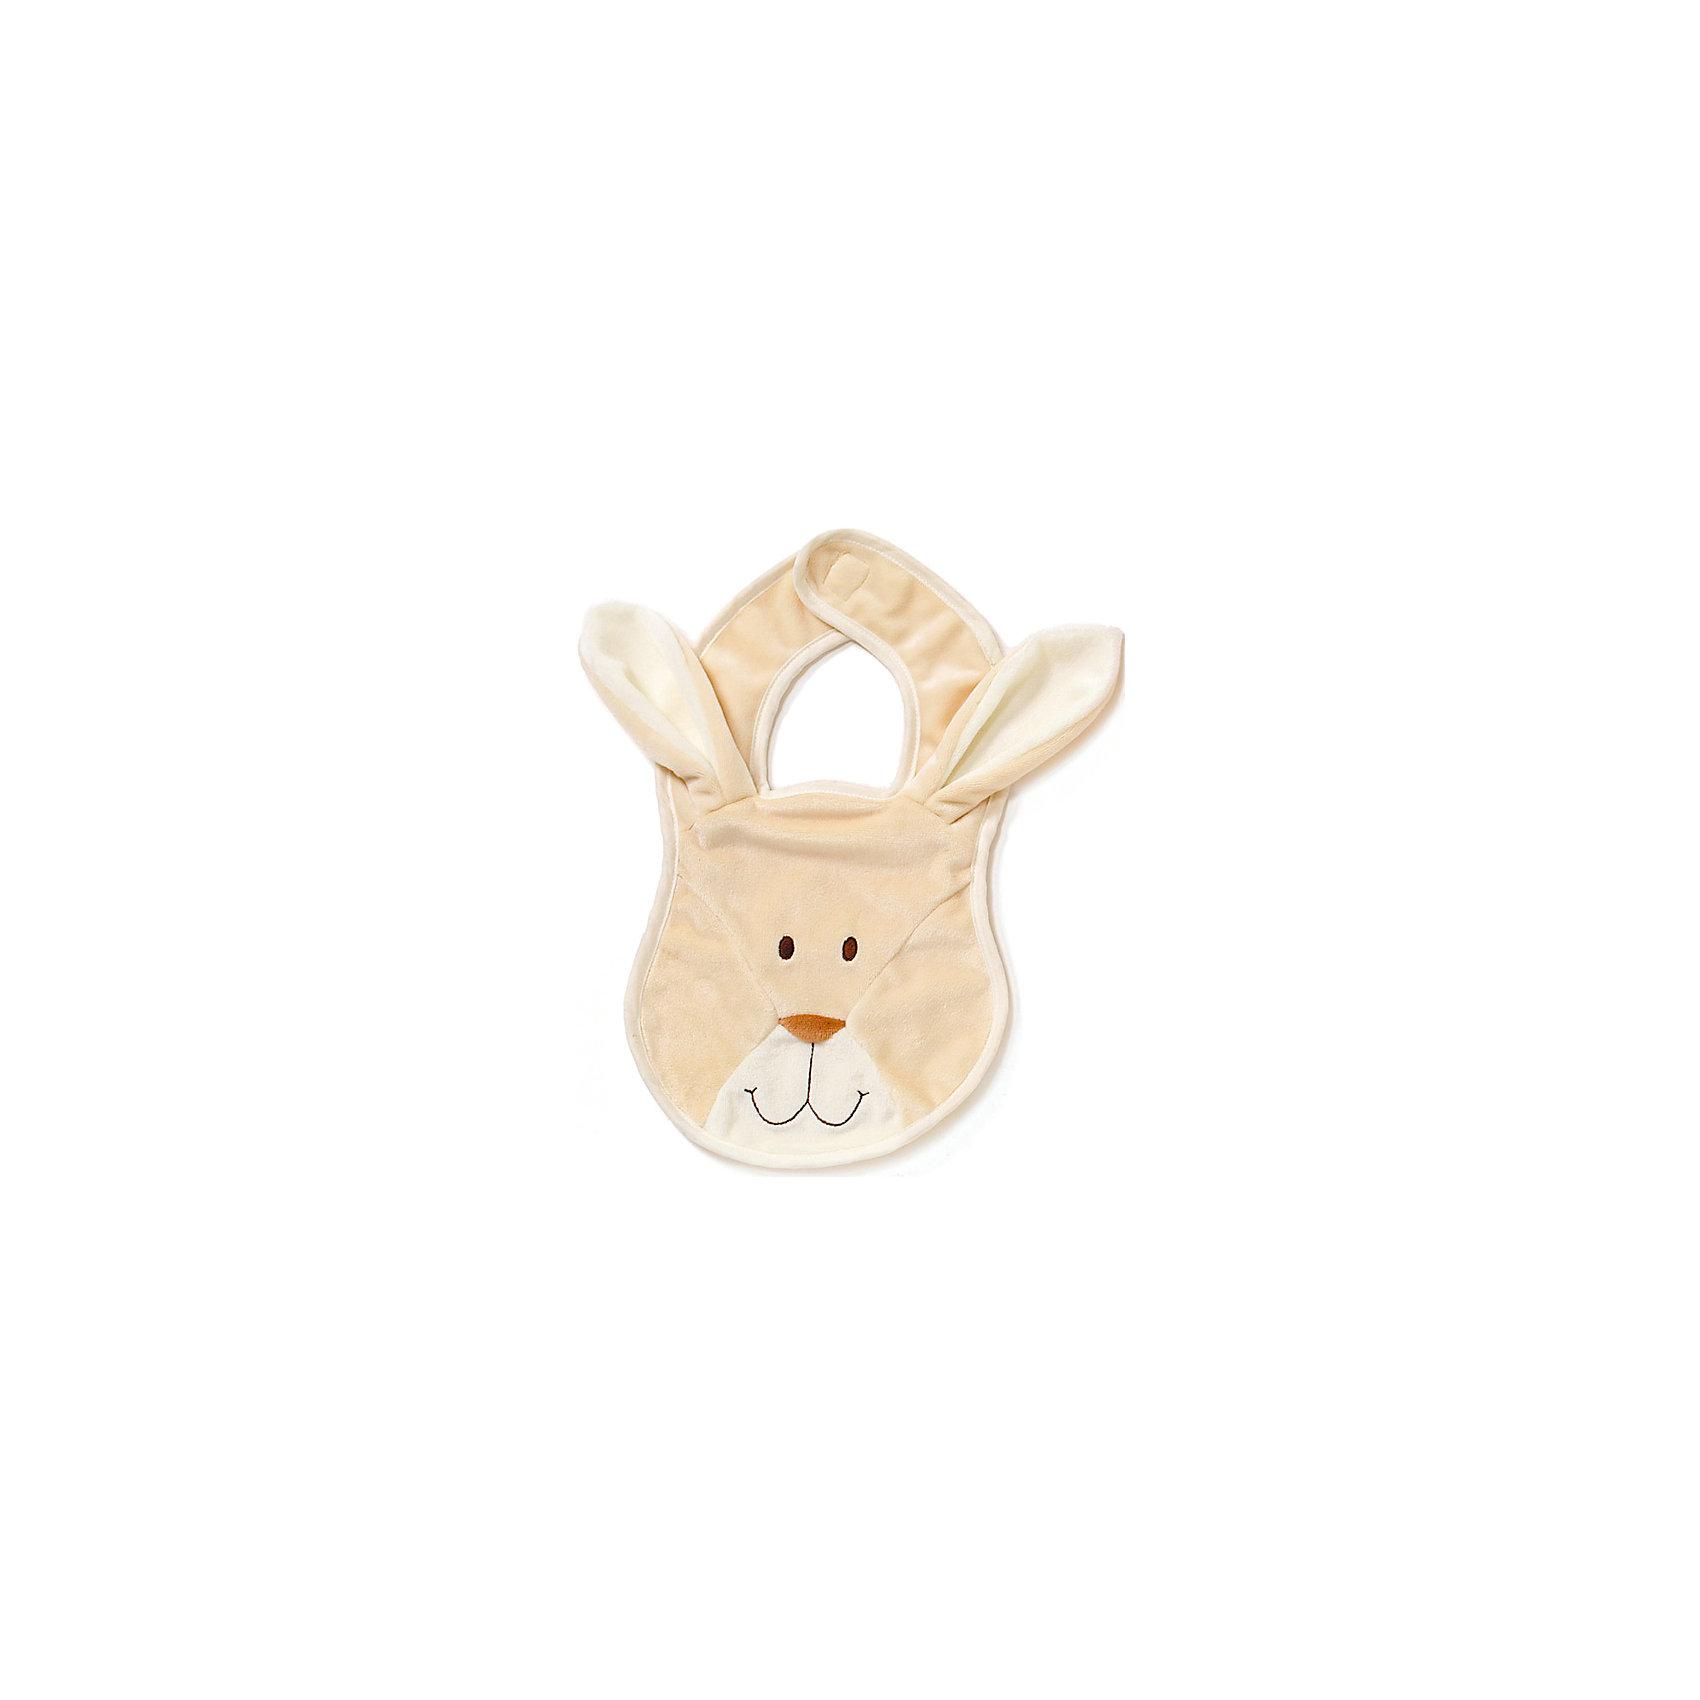 Нагрудник Кролик, ДинглисарХарактеристики нагрудника Teddykompaniet: <br><br>• размер нагрудника: 22 см;<br>• материал: 100% хлопок (безворсовый велюр);<br>• серия: Динглисар;<br>• тип застежки: липучка.<br><br>Аксессуар для кормления «Кролик» с мордочкой забавной зверушки защищает одежду малыша от загрязнений во время приема пищи. На этапе введения прикорма нагрудник Teddykompaniet становится незаменимым другом мамы – проще менять только нагрудник, чем полностью переодевать кроху. Нагрудник с застежкой липучкой, надежно фиксируется. Приятный на ощупь велюровый материал гипоаллергенный, абсолютно безопасен для здоровья ребенка.<br><br>Нагрудник Кролик, Динглисар можно купить в нашем интернет-магазине.<br><br>Ширина мм: 100<br>Глубина мм: 50<br>Высота мм: 100<br>Вес г: 100<br>Возраст от месяцев: 0<br>Возраст до месяцев: 12<br>Пол: Унисекс<br>Возраст: Детский<br>SKU: 5219522